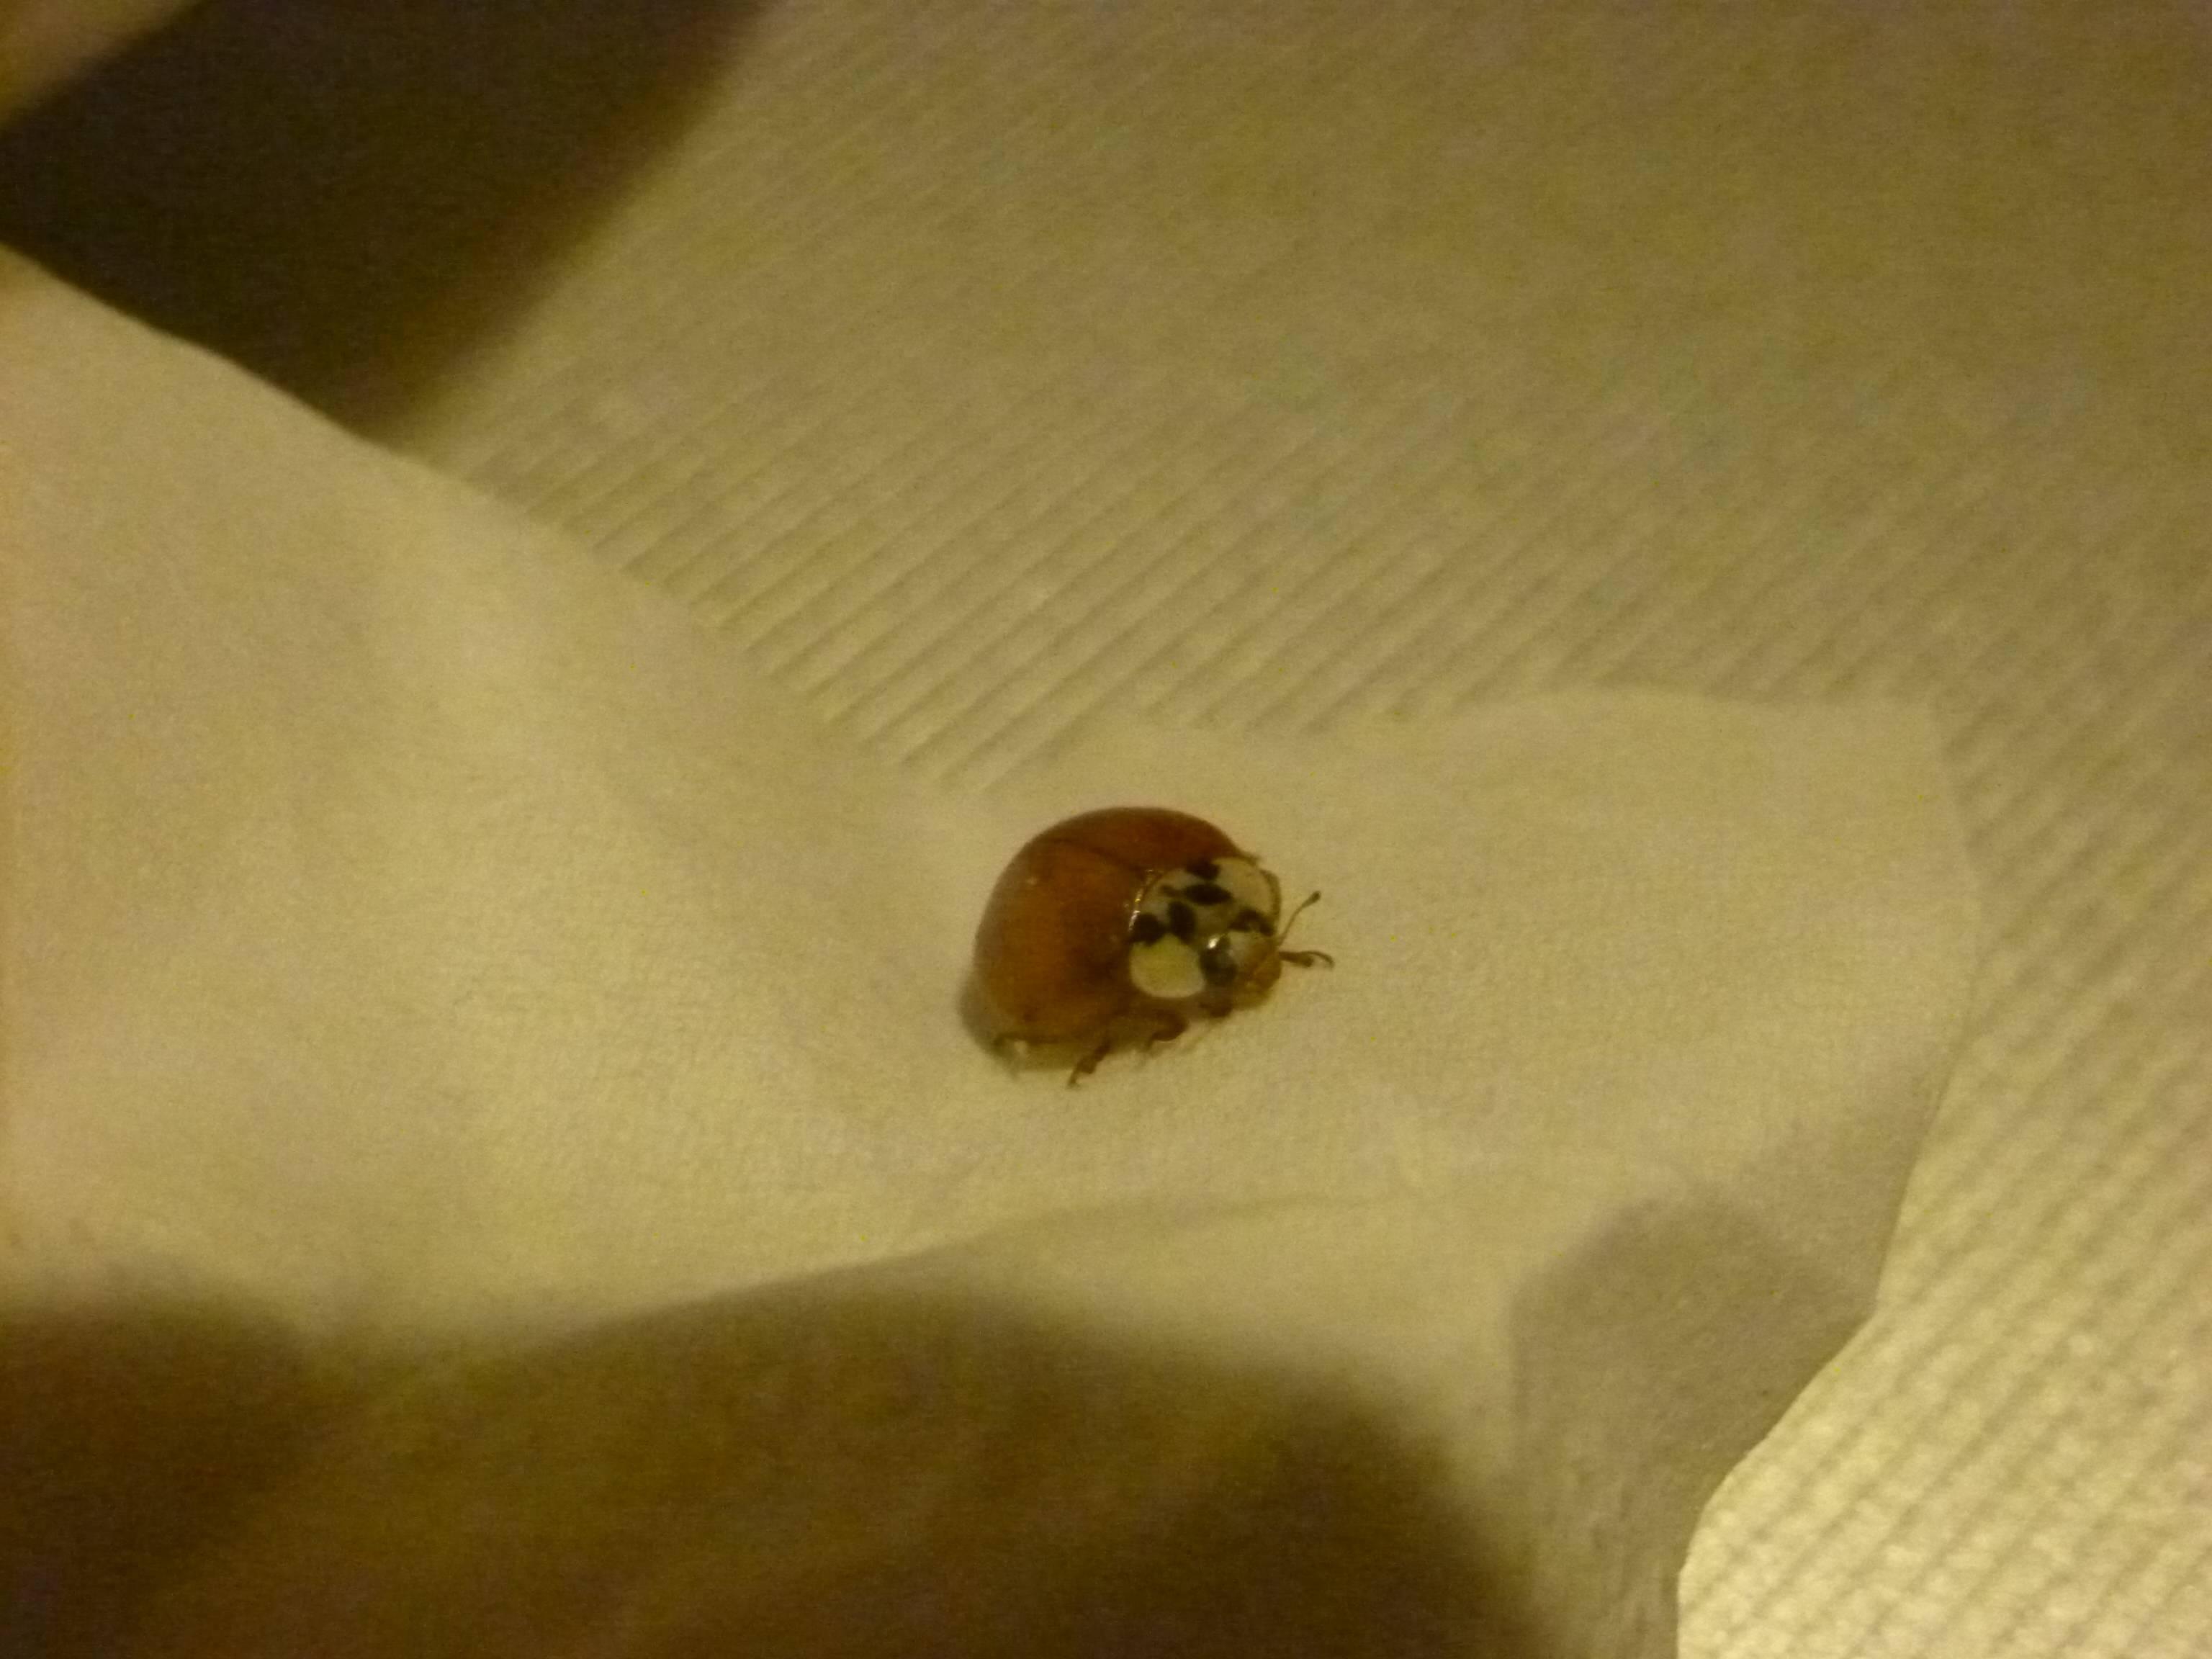 brauner kugelf rmiger k fer im schlafzimmer insekten ungeziefer sch dlinge. Black Bedroom Furniture Sets. Home Design Ideas